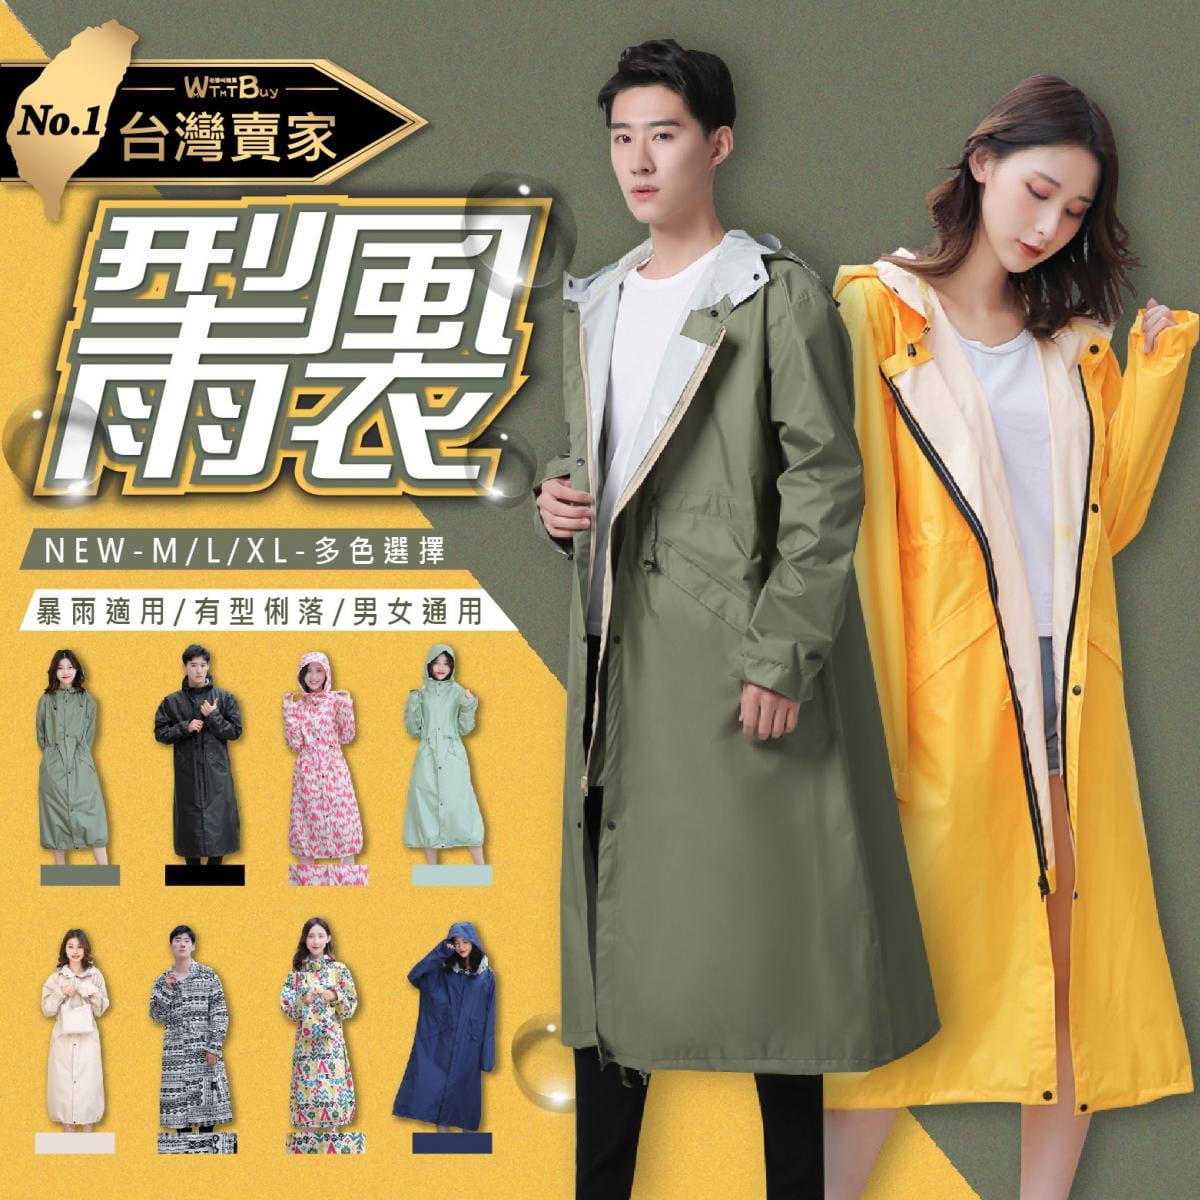 ??老婆叫我買 時尚風衣式雨衣+收納 時尚雨衣 有口袋 極簡 極輕 防大雨 有抽繩 雨衣 帽子雨衣